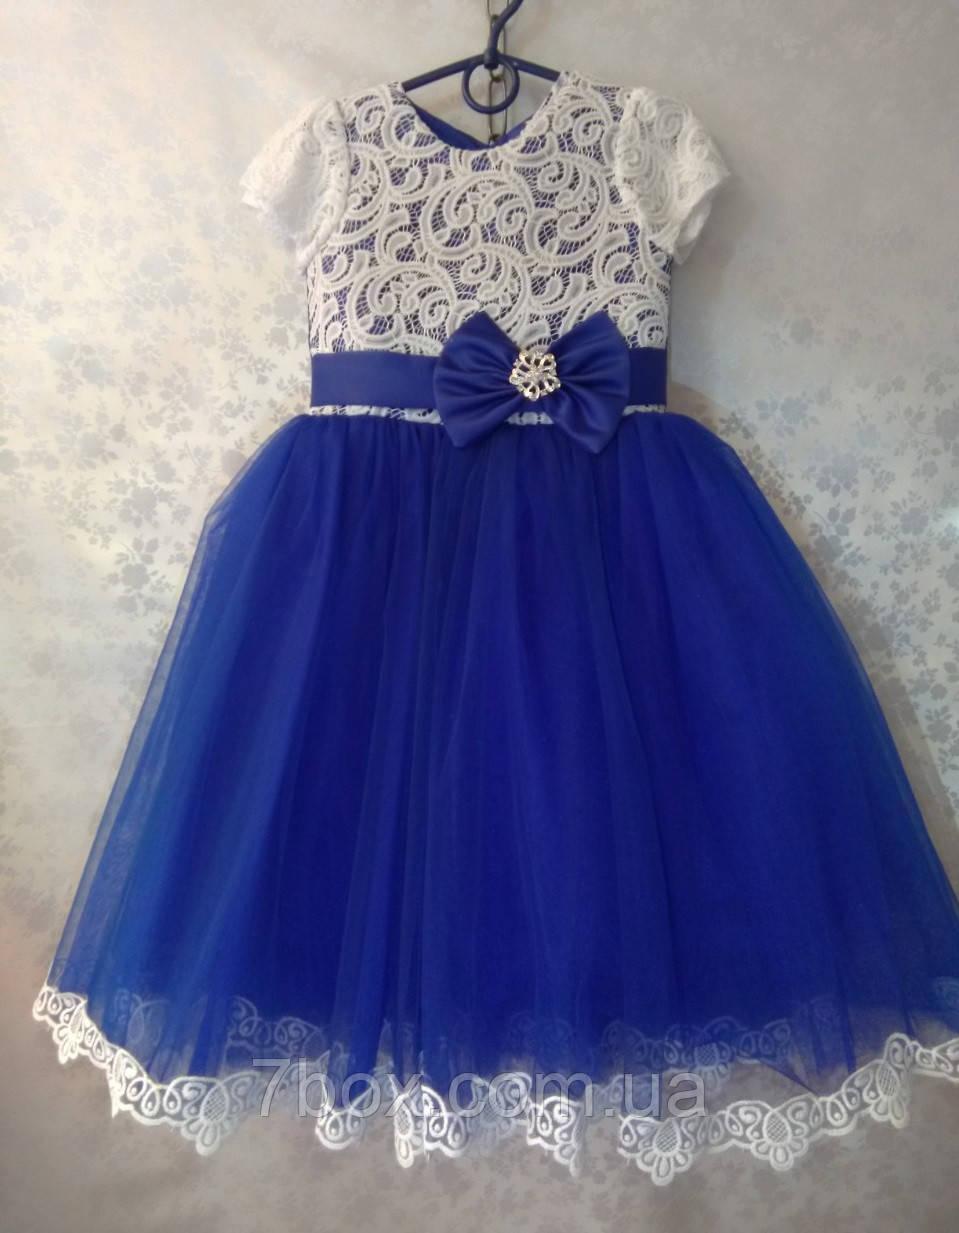 Детское платье бальное Матильда 5-6 лет Синее Опт и Розница